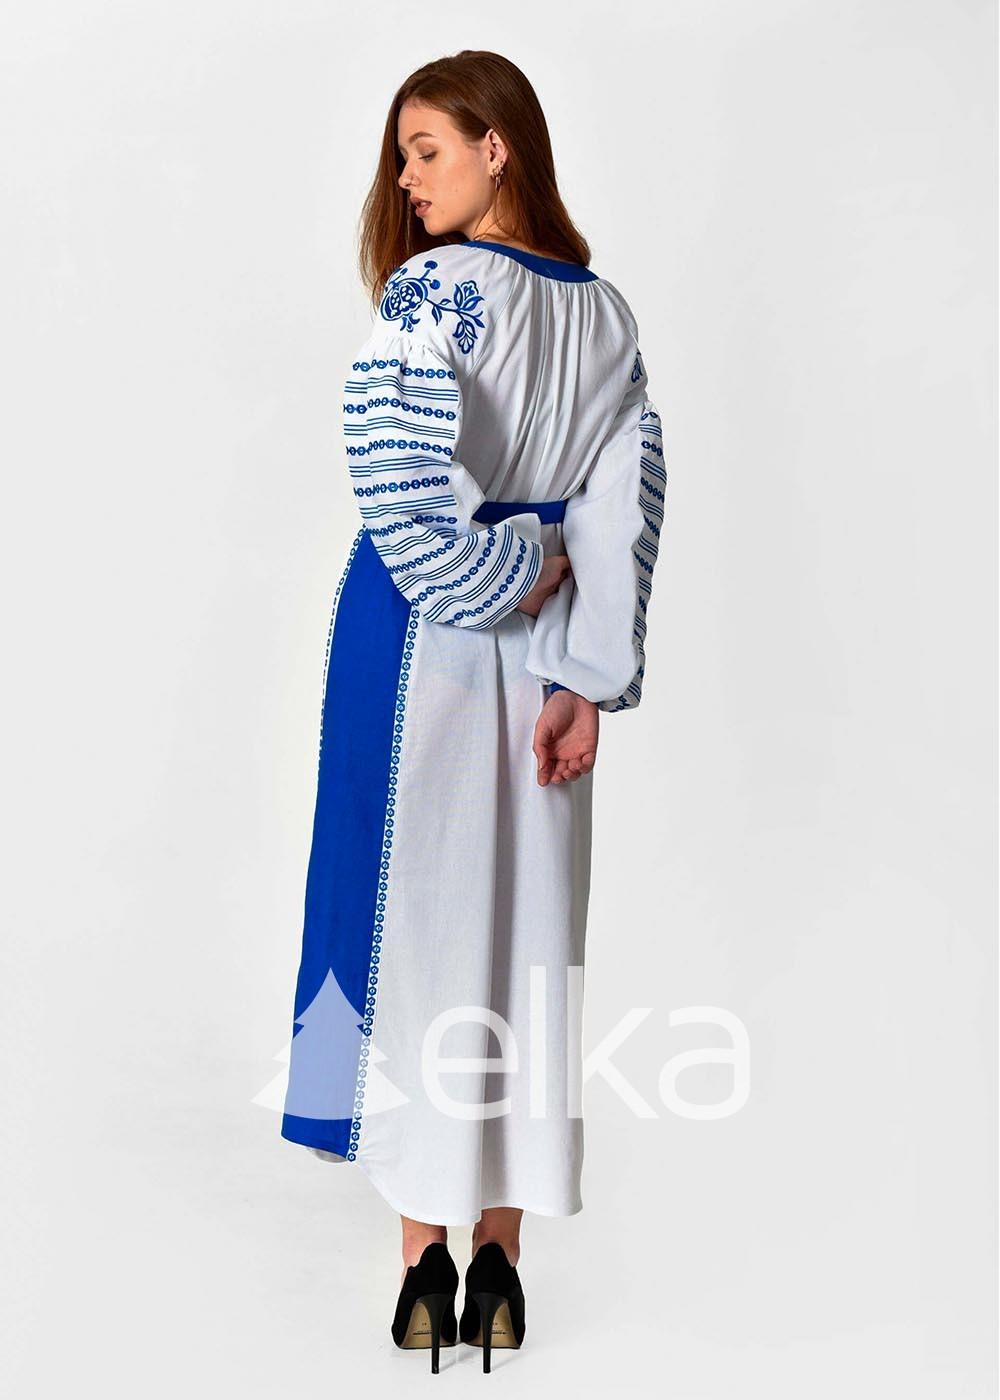 Платье вышиванка Казачка белая